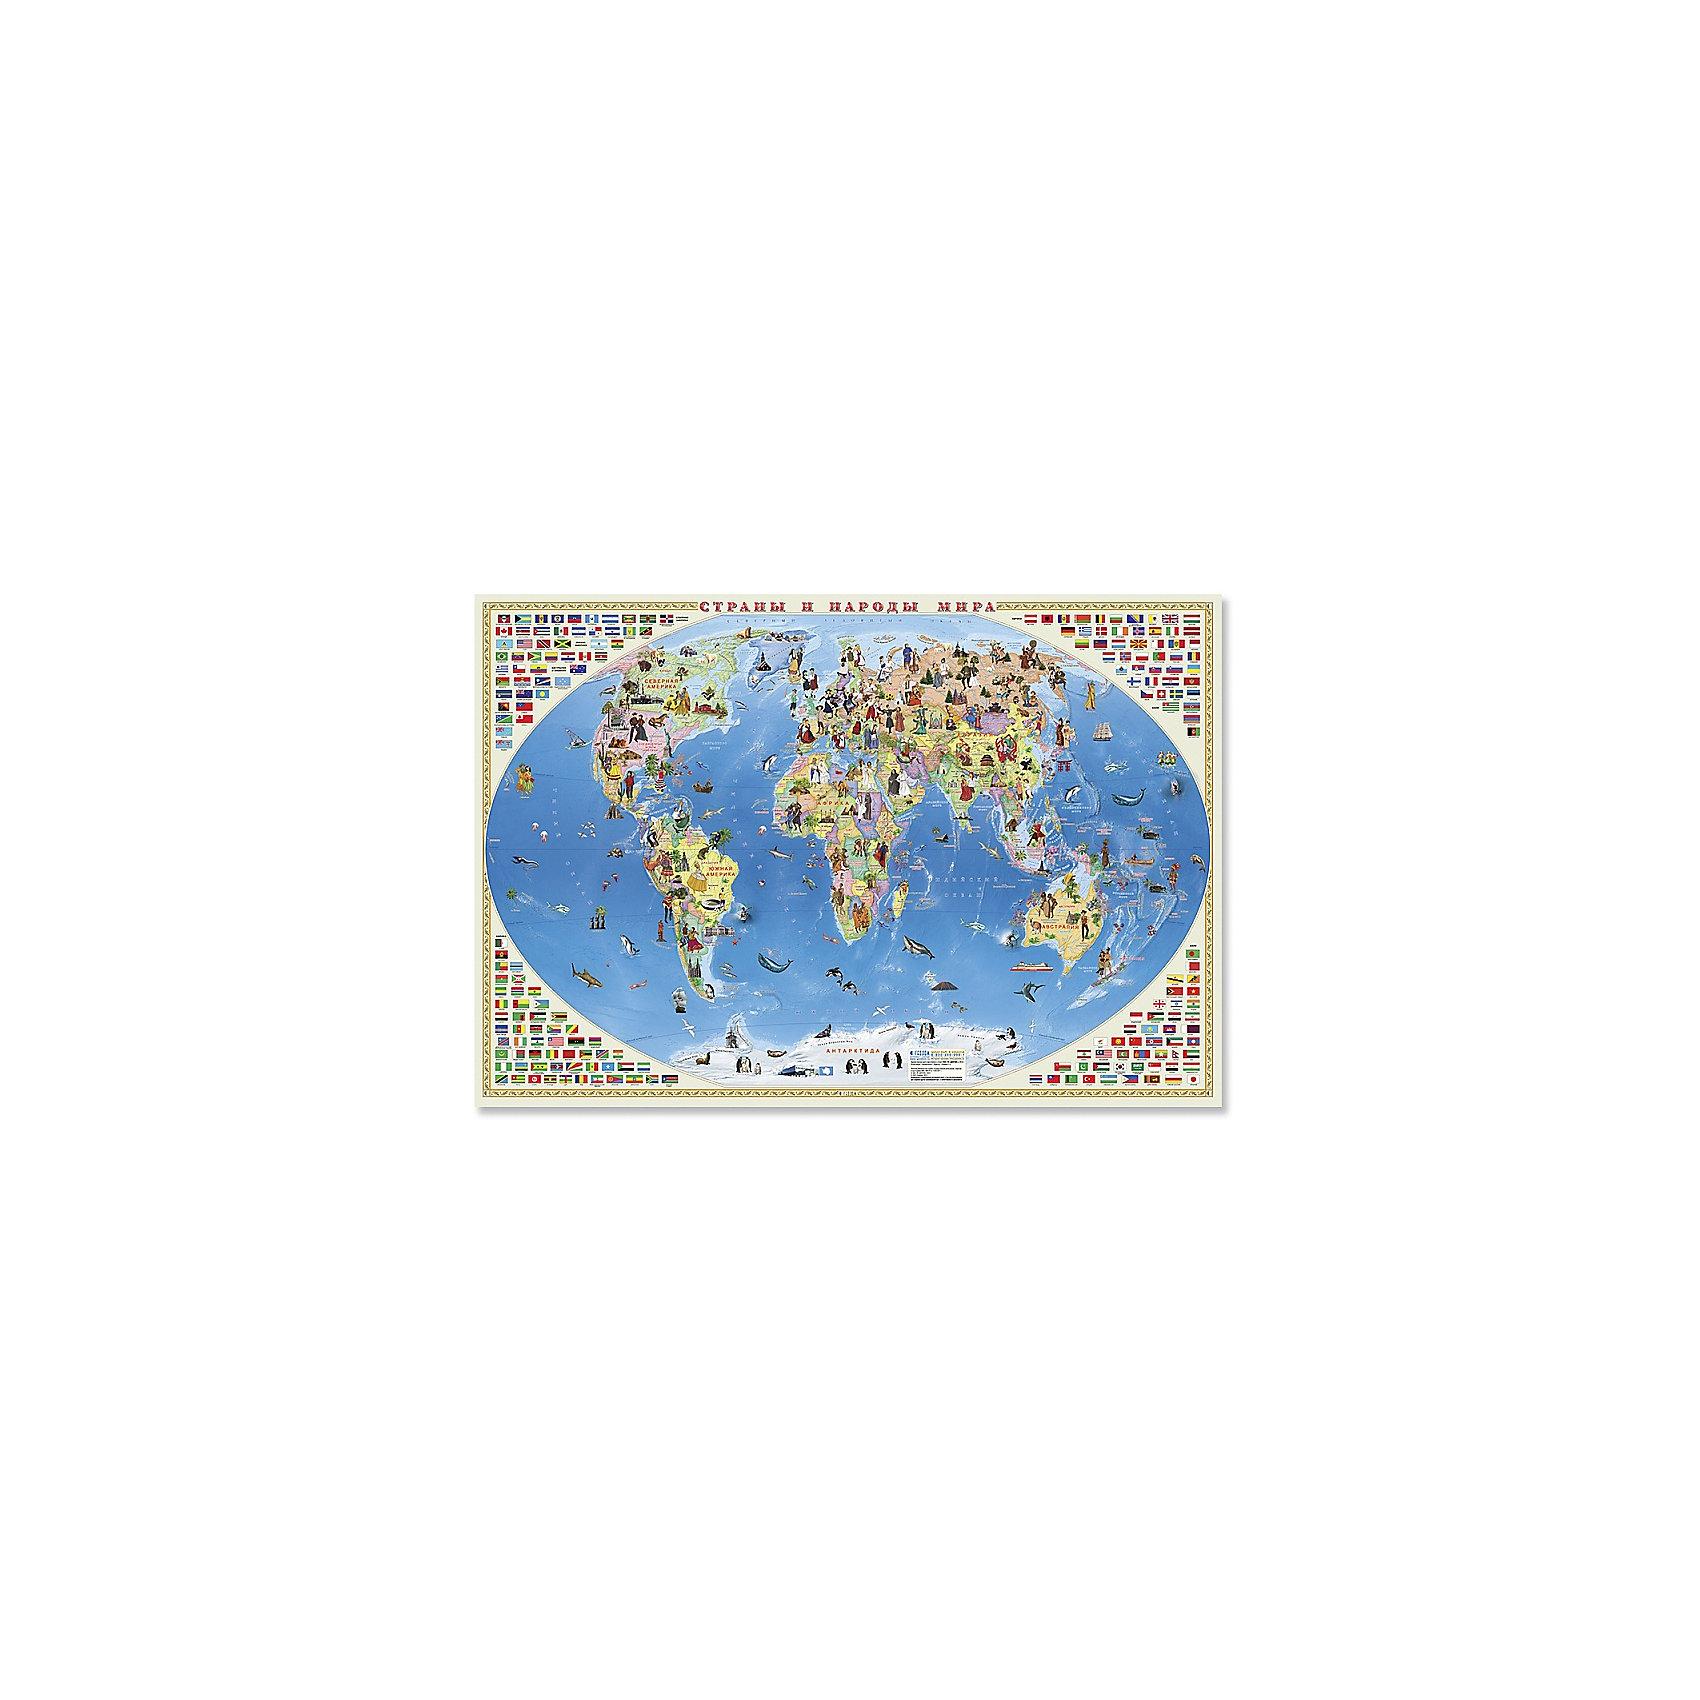 Настенная карта Страны и народы мира 101*69 см, ламинированнаяИздательство Геодом<br>Характеристики товара:<br><br>• материал: ламинированная бумага<br>• возраст: от 3 лет<br>• размер карты: 101х69 см<br>• вес: 150 г<br>• страна производитель: Россия<br><br>Познакомить ребенка с основами географии, политико-административным устройством мира, а также изучить названия и столицы государств поможет карта «Страны и народы мира». На карте даны красочные иллюстрации народов в их национальных костюмах, показаны самые узнаваемые достопримечательности некоторых стран, изображены флаги государств по расположению на континентах.<br><br>Настенную карту Страны и народы мира 101*69 см, ламинированную можно купить в нашем интернет-магазине.<br><br>Ширина мм: 1010<br>Глубина мм: 690<br>Высота мм: 1<br>Вес г: 150<br>Возраст от месяцев: 36<br>Возраст до месяцев: 2147483647<br>Пол: Унисекс<br>Возраст: Детский<br>SKU: 5422998